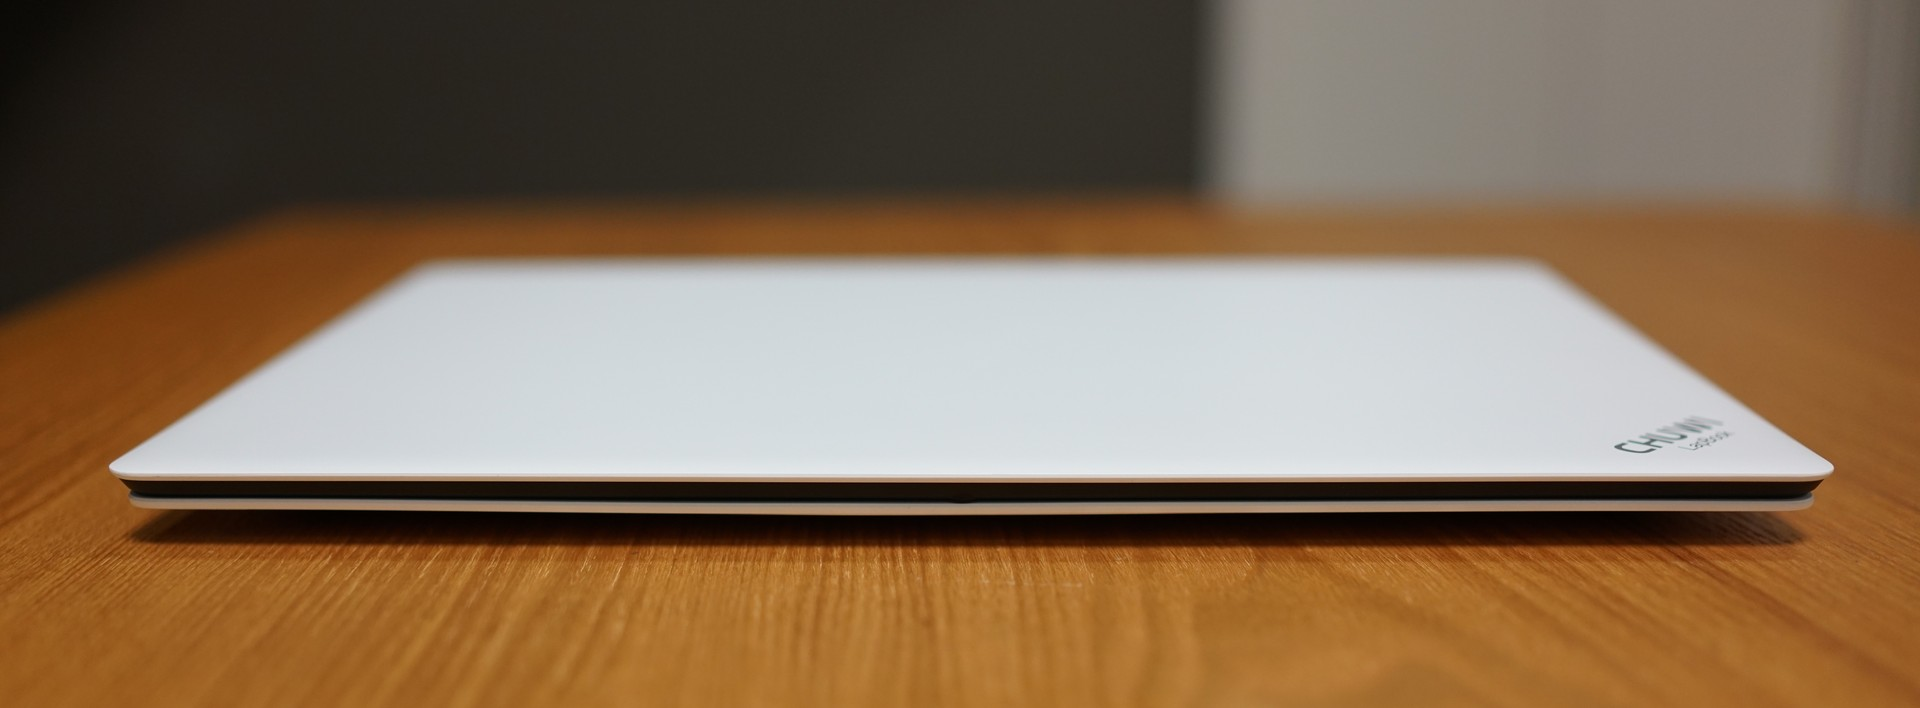 CHUWI LapBook 14.1 の実機レビュー